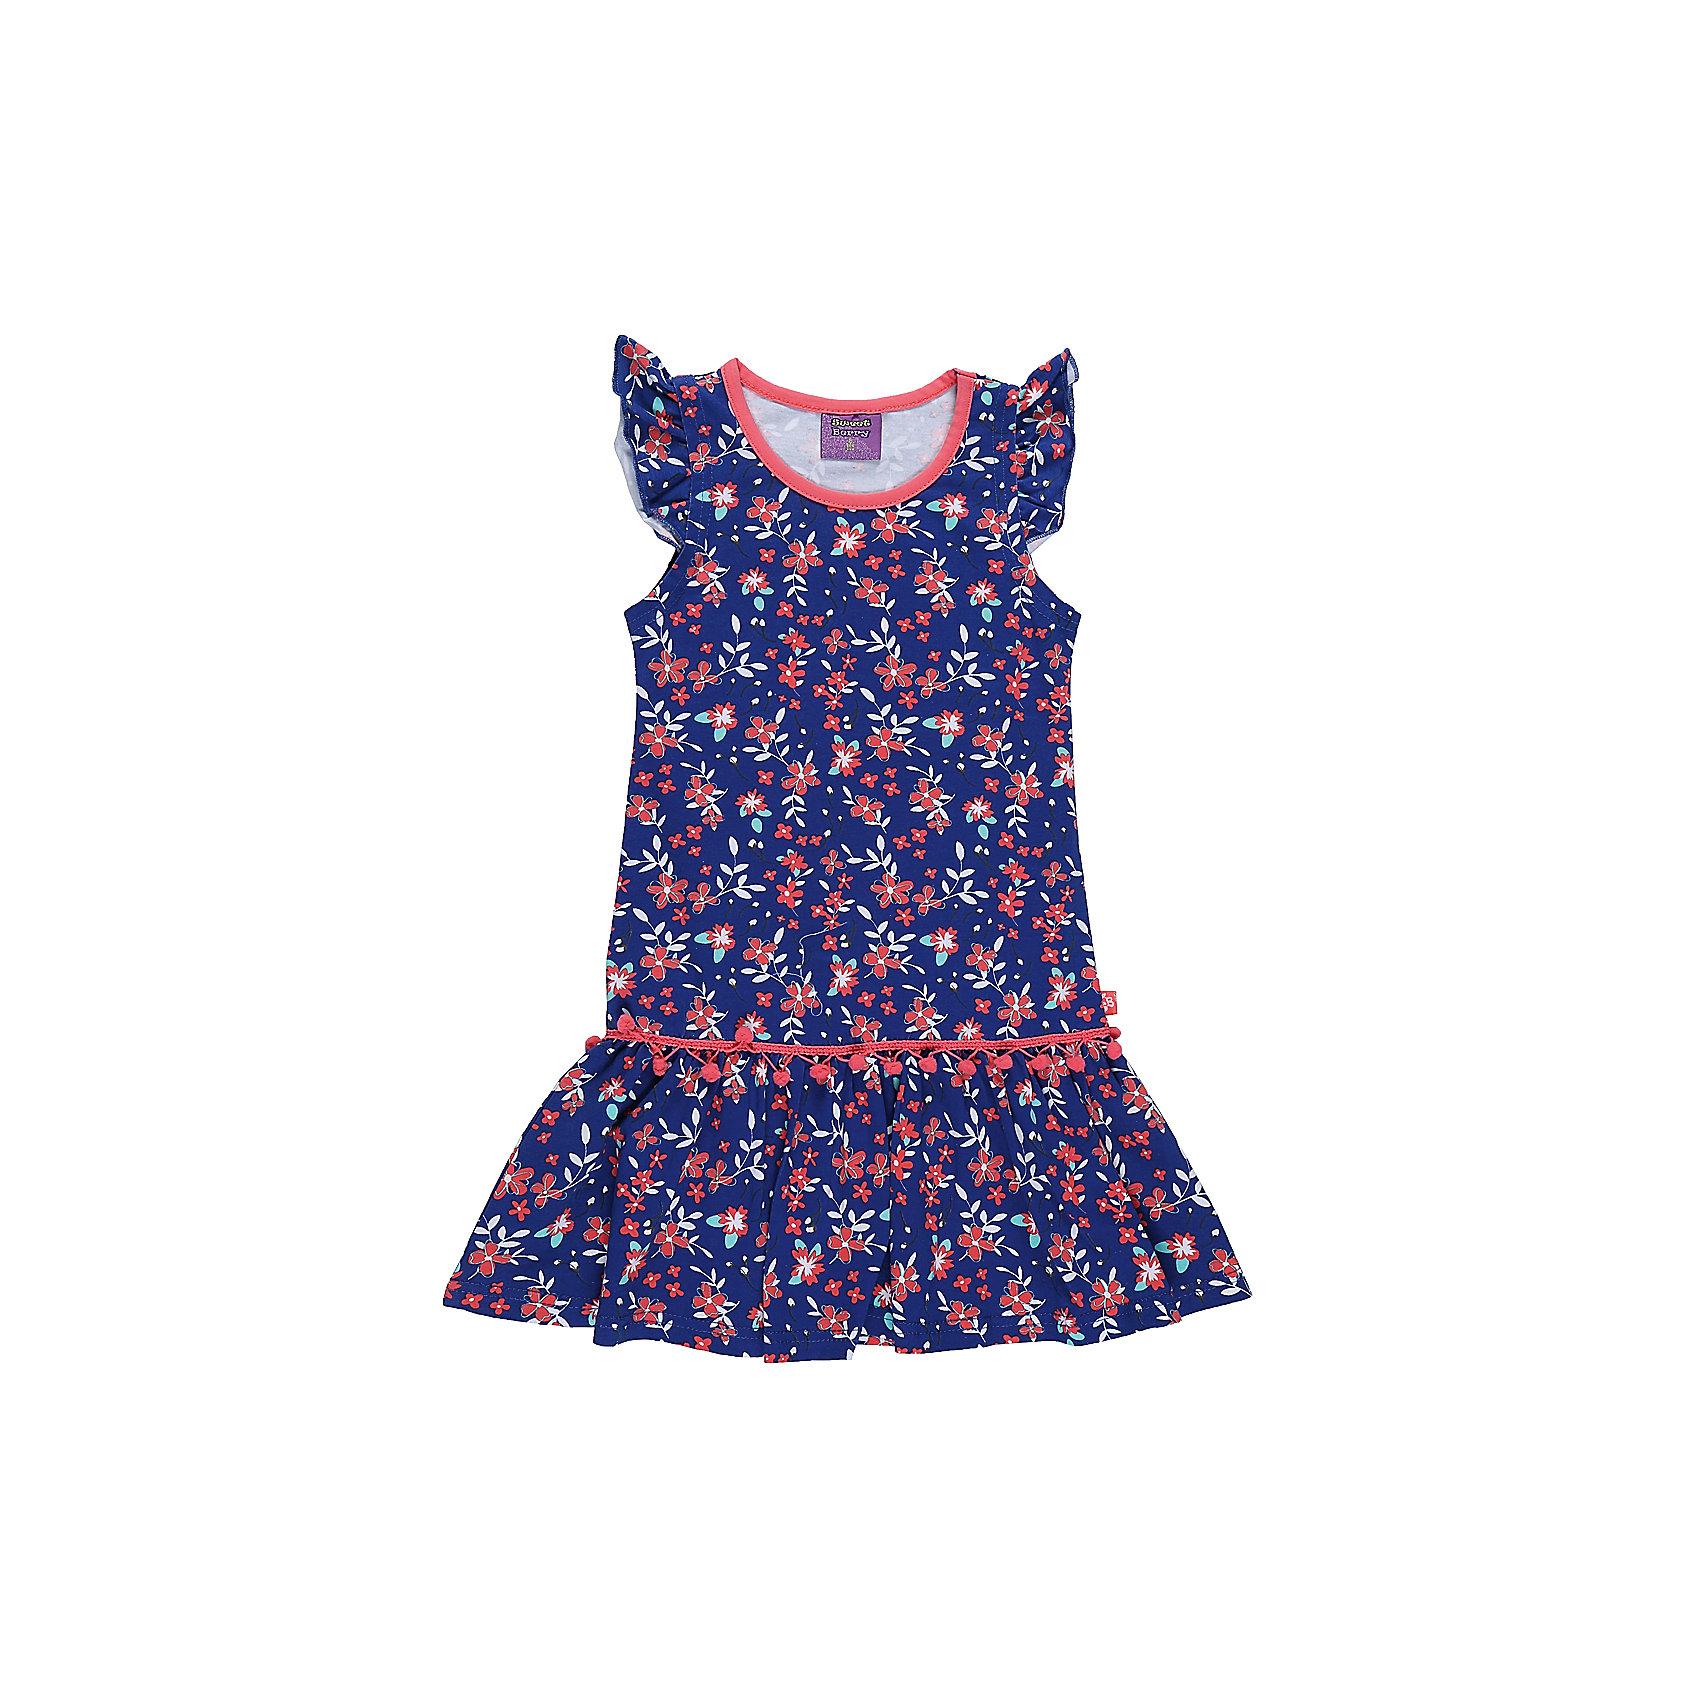 Платье для девочки Sweet BerryПлатье из трикотажной принтованной ткани. Рукава-крылышки. Горловина выполнена из контрастной ткани.<br>Состав:<br>95%хлопок 5%эластан<br><br>Ширина мм: 236<br>Глубина мм: 16<br>Высота мм: 184<br>Вес г: 177<br>Цвет: синий<br>Возраст от месяцев: 36<br>Возраст до месяцев: 48<br>Пол: Женский<br>Возраст: Детский<br>Размер: 104,98,110,116,122,128<br>SKU: 5412347